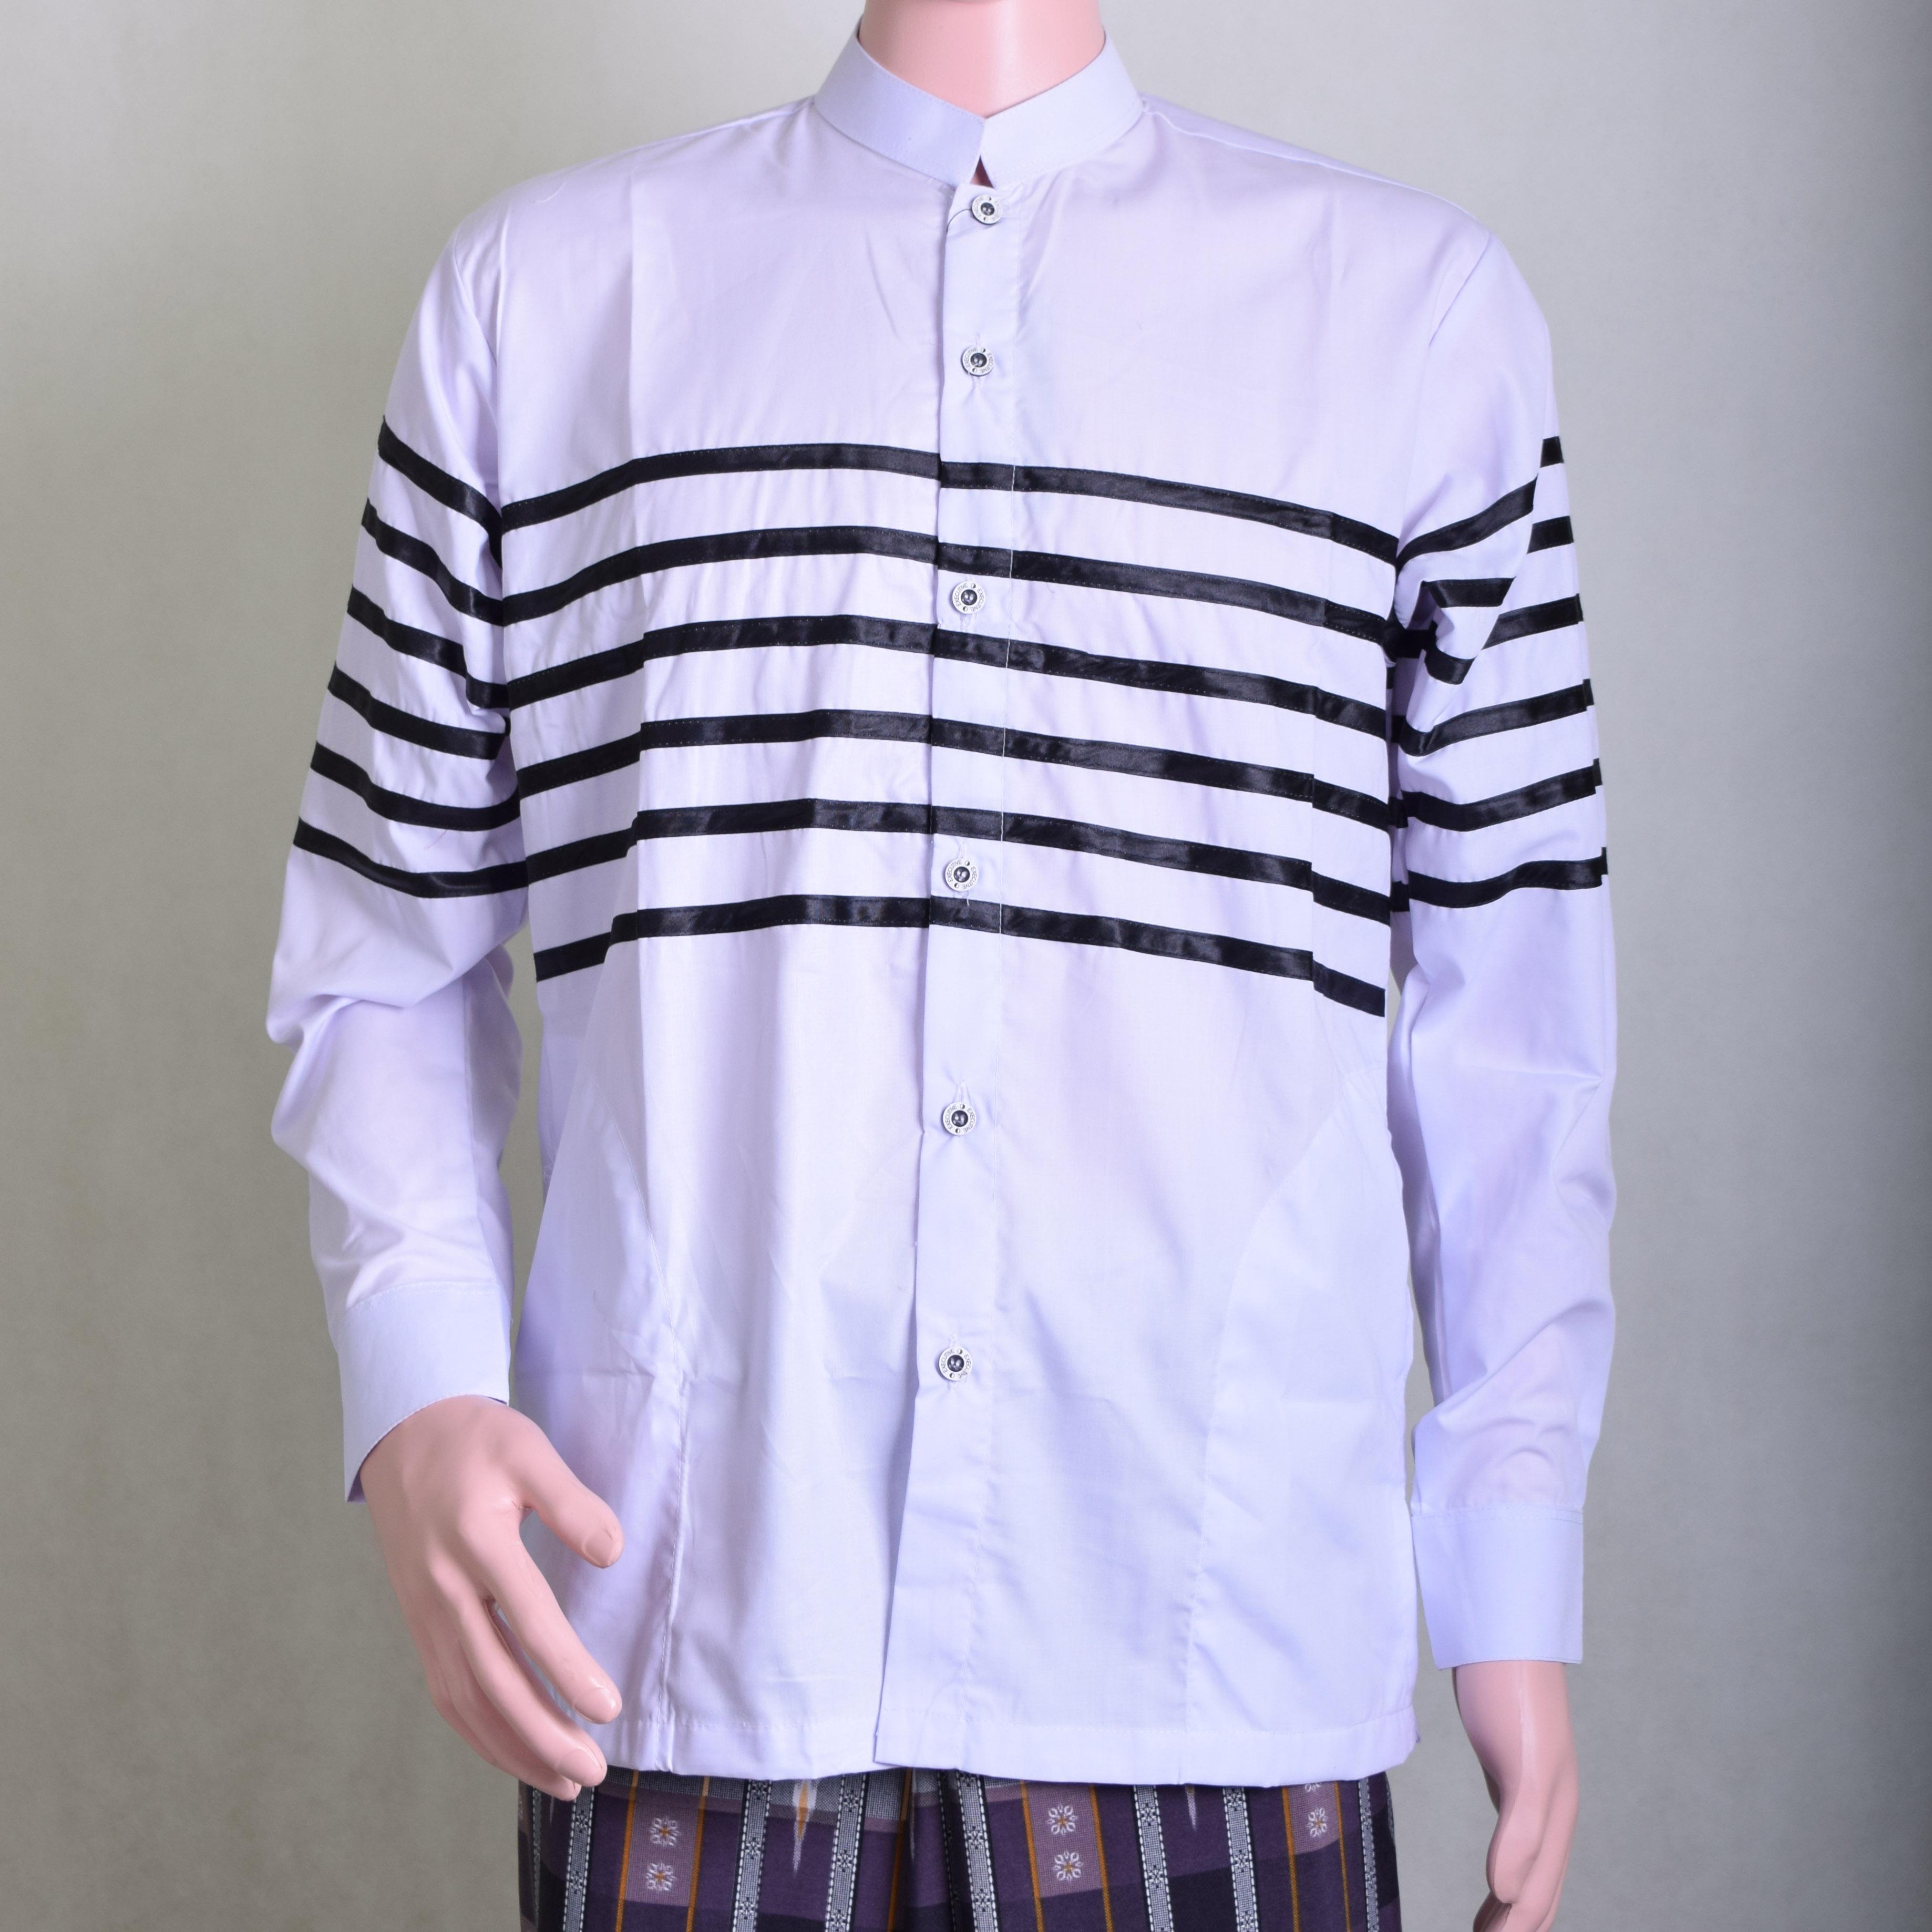 Baju Koko Pria Putih Motif Garis Garis Hitam Keren dan Berwibawa 67275c0472